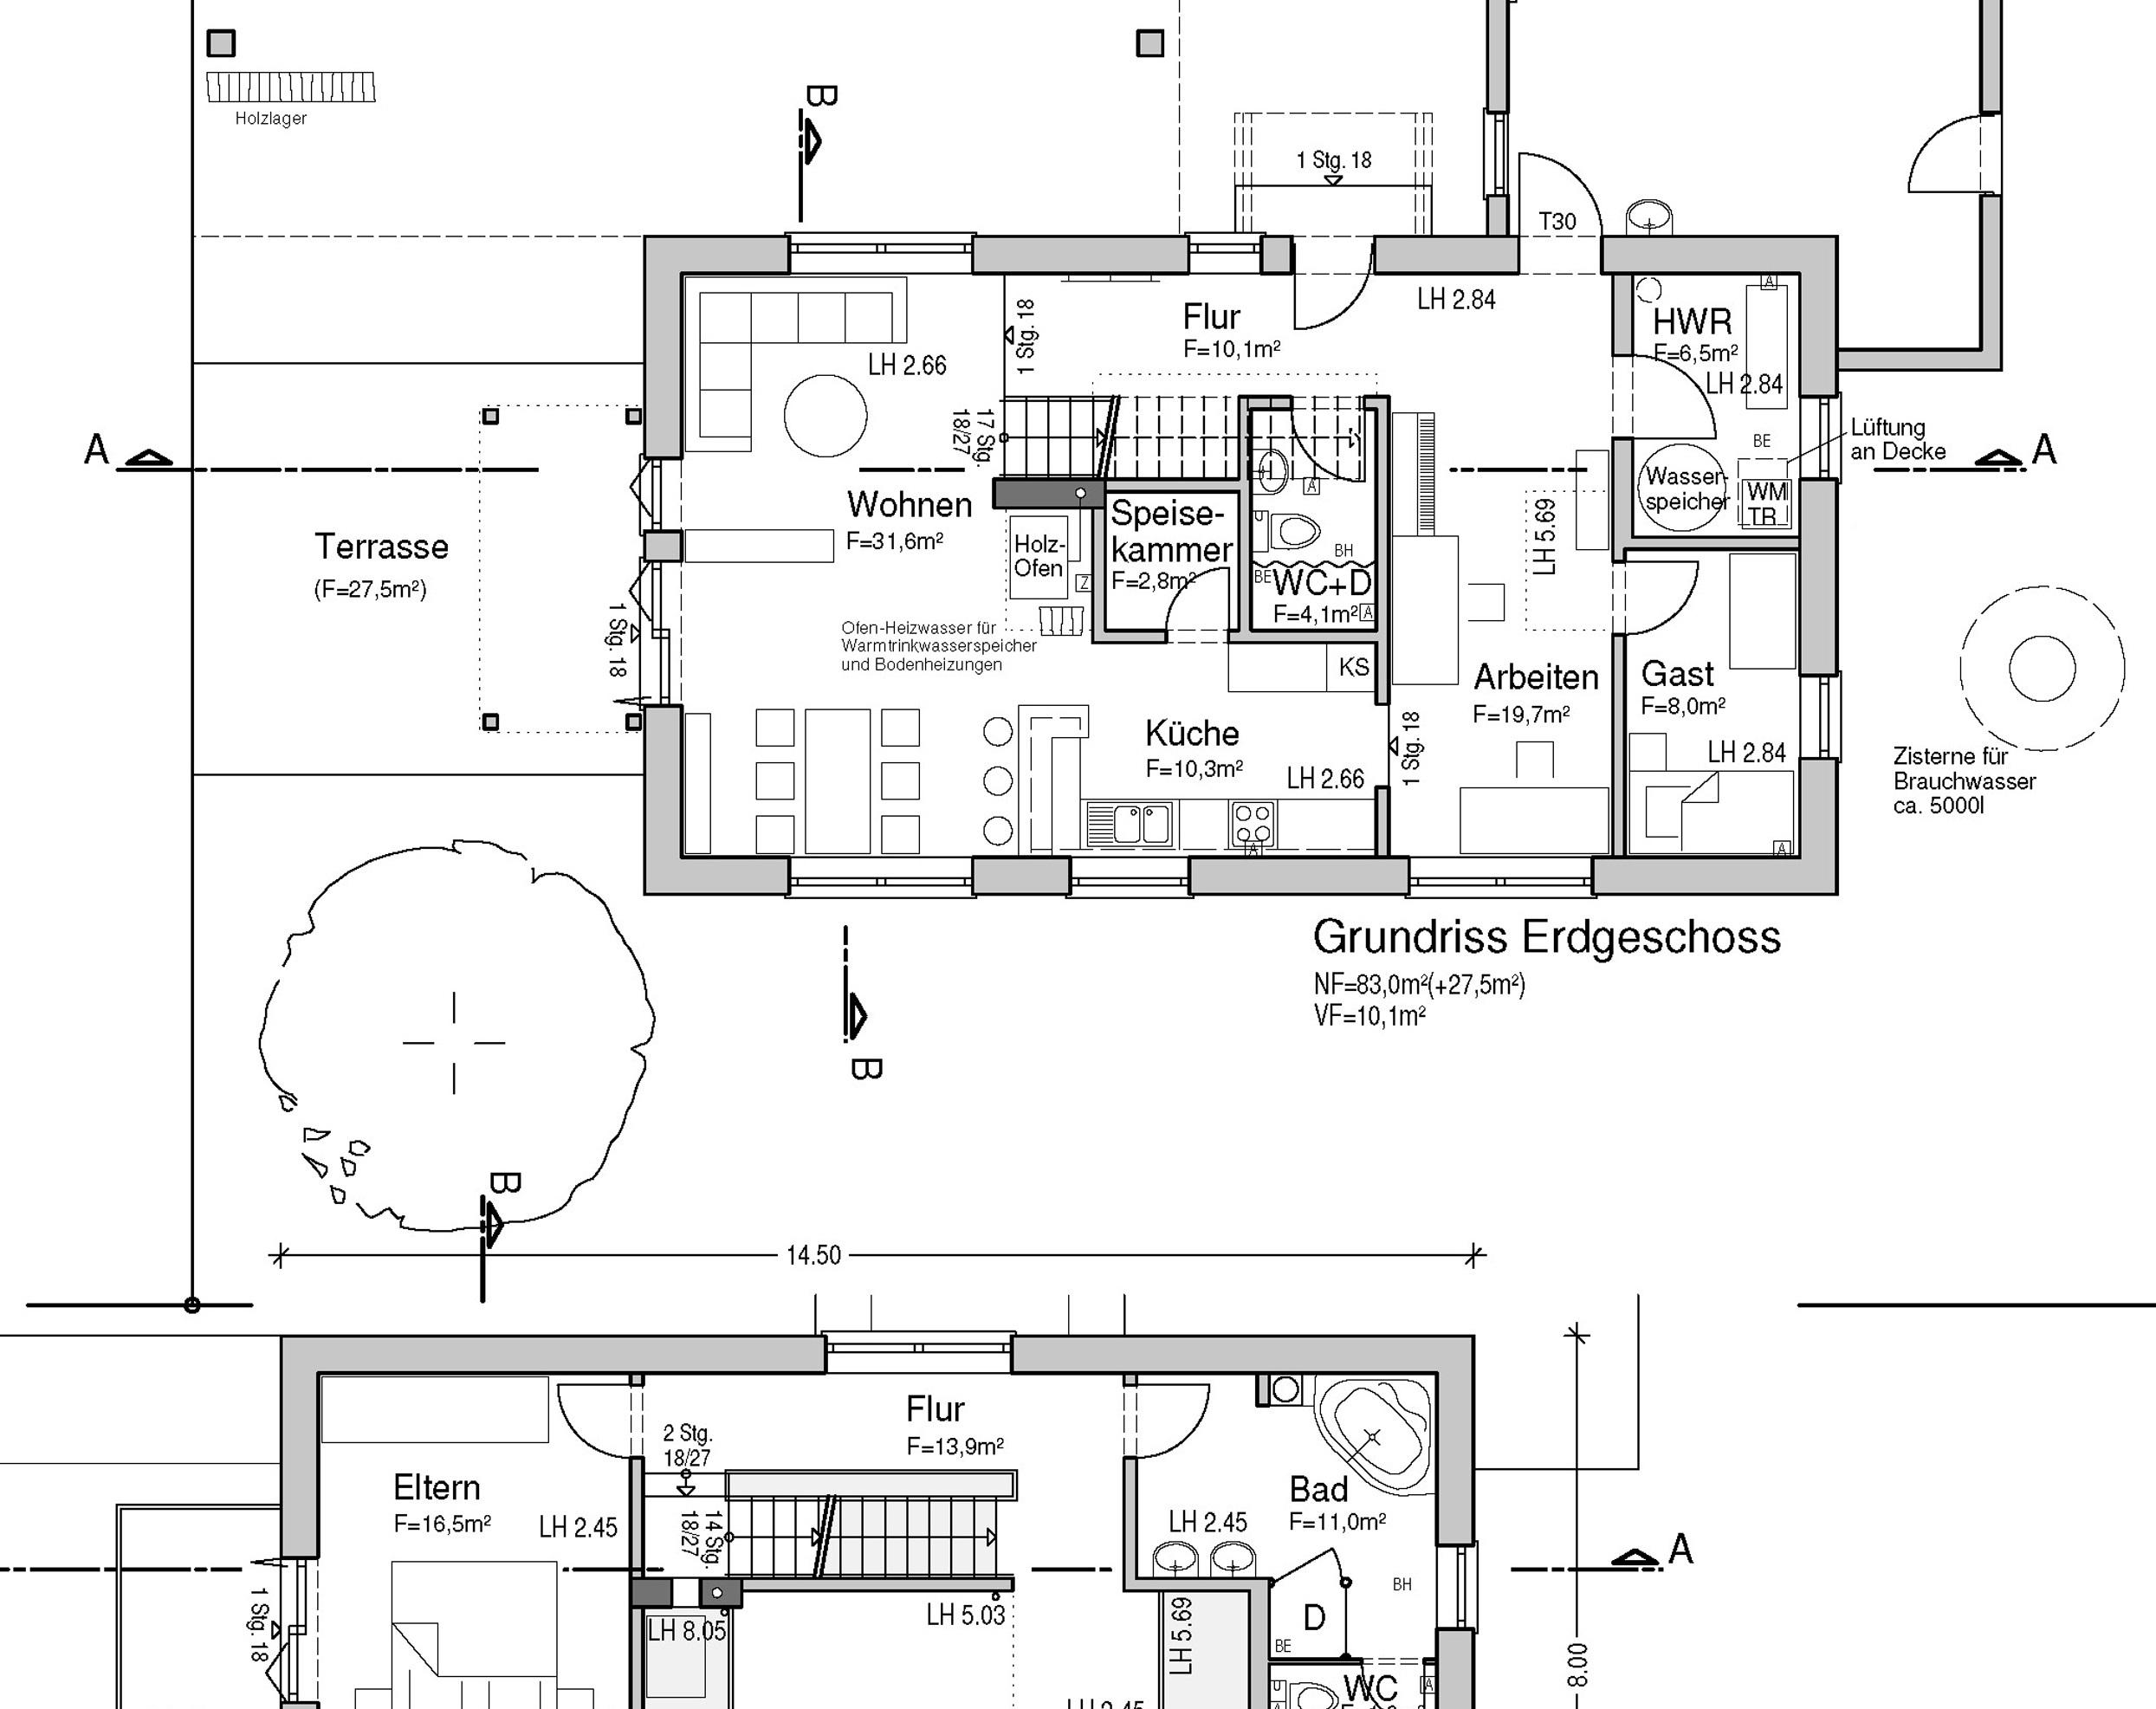 Grundrisse Erd- und Obergeschoss